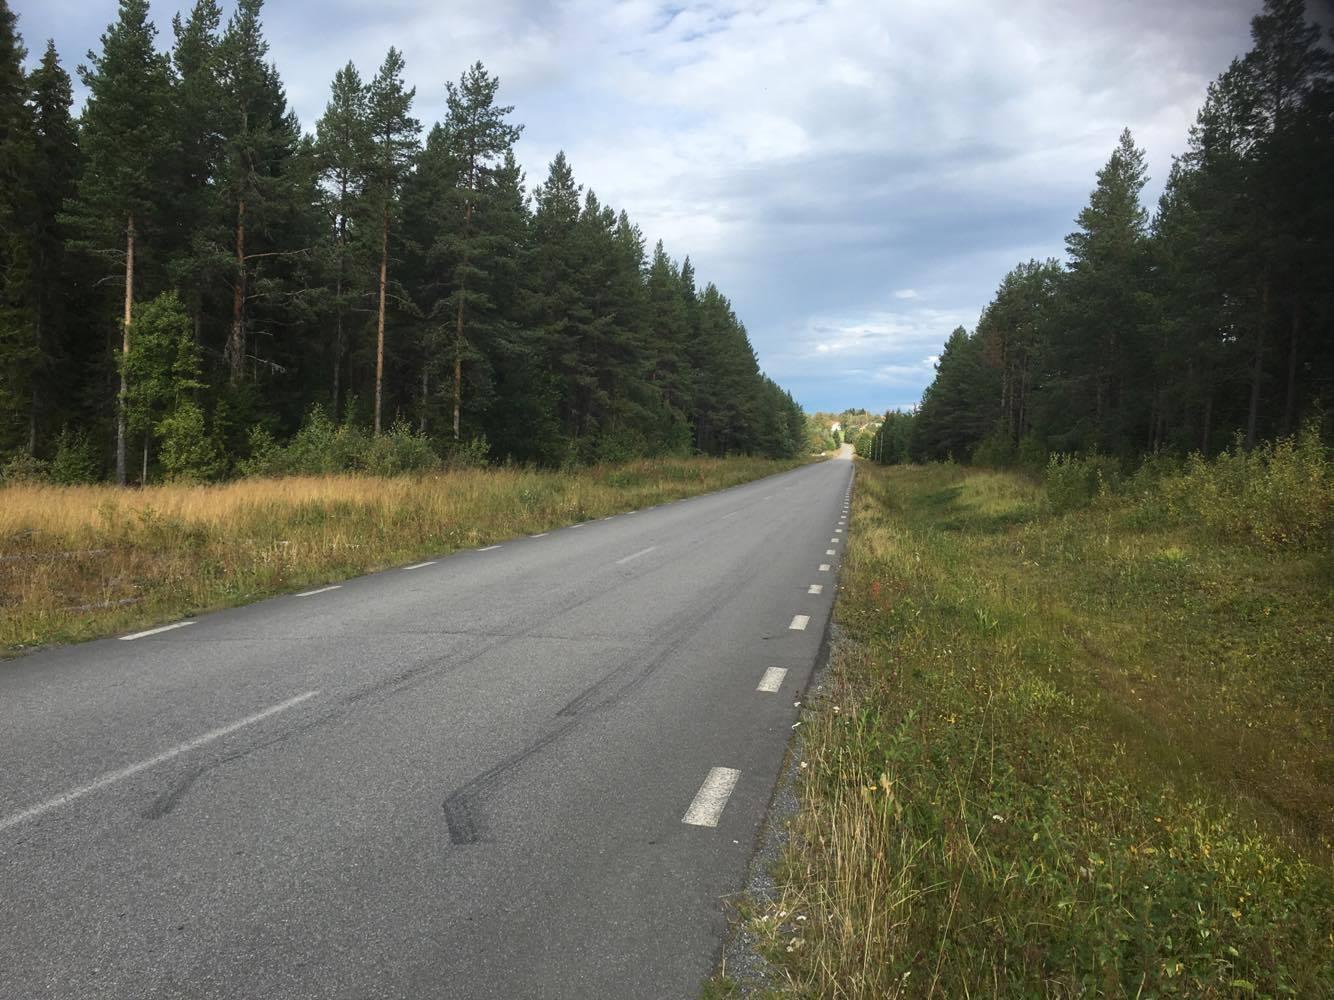 Få platser det är så platt i Jämtland som på vägen mot Kännåsen där jag även startade dagens intervaller. Där bilden tar slut om man nu ska försöka förklara sig.